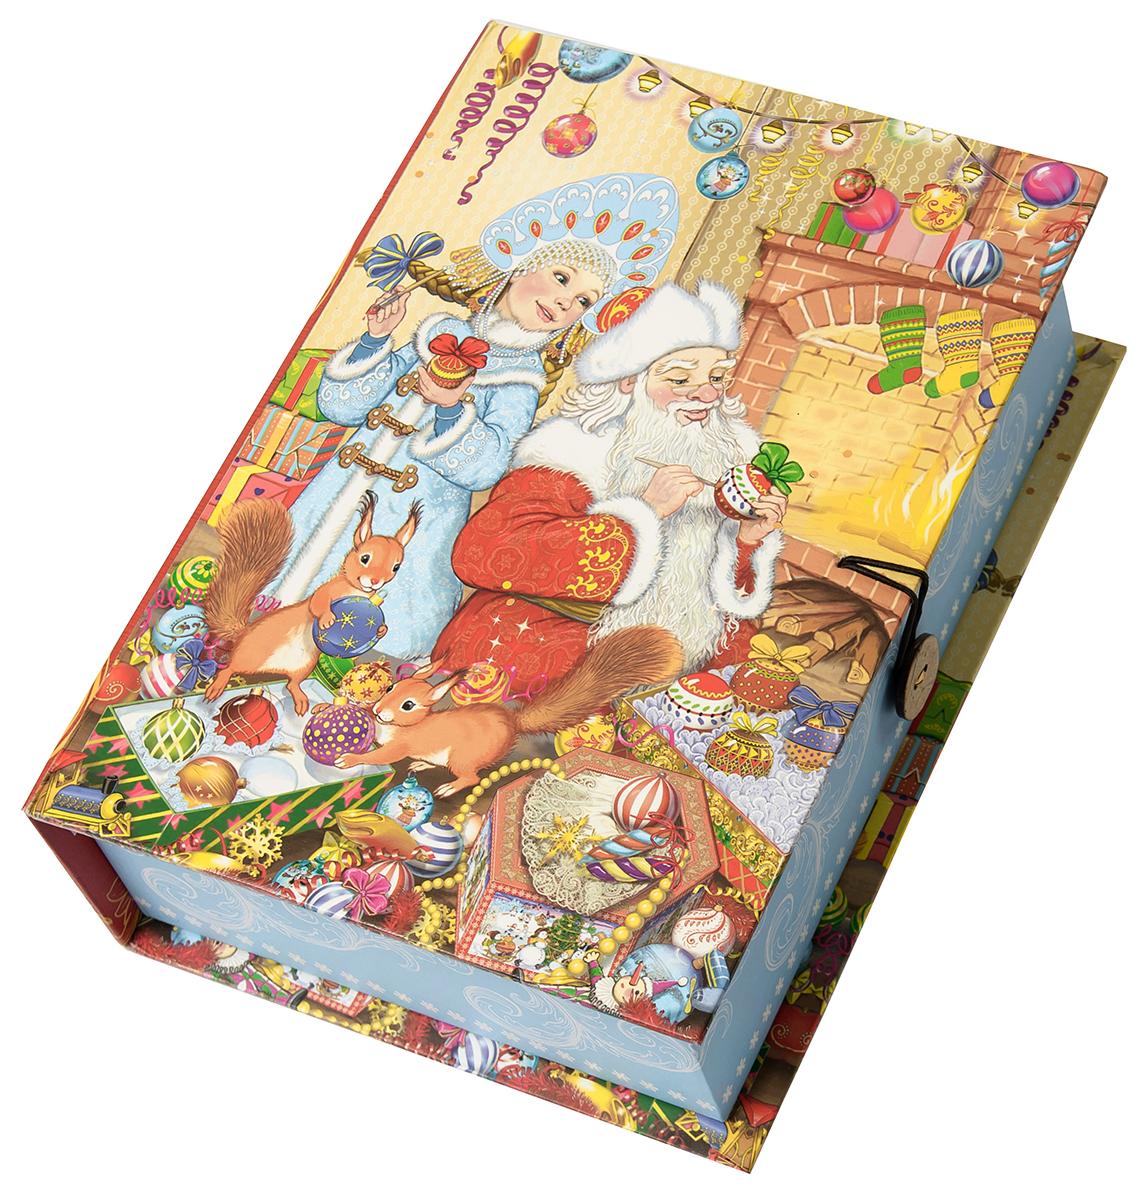 Коробка подарочная Magic Time Внучка Деда Мороза, размер S. 7504275042Подарочная коробка Magic Time, выполненная из мелованного, ламинированного картона, закрывается на пуговицу. Крышка оформлена декоративным рисунком. Подарочная коробка - это наилучшее решение, если вы хотите порадовать ваших близких и создать праздничное настроение, ведь подарок, преподнесенный в оригинальной упаковке, всегда будет самым эффектным и запоминающимся. Окружите близких людей вниманием и заботой, вручив презент в нарядном, праздничном оформлении.Плотность картона: 1100 г/м2.